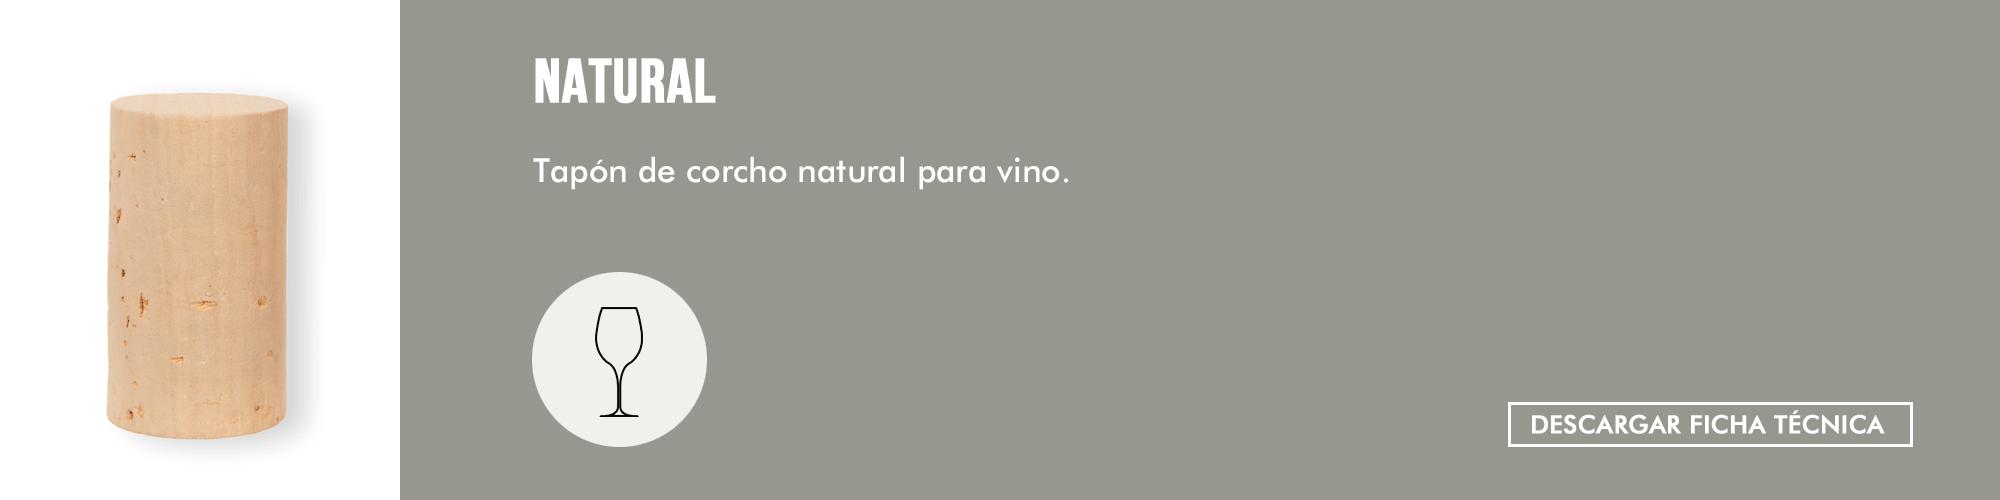 fitxa_natural_esp.png